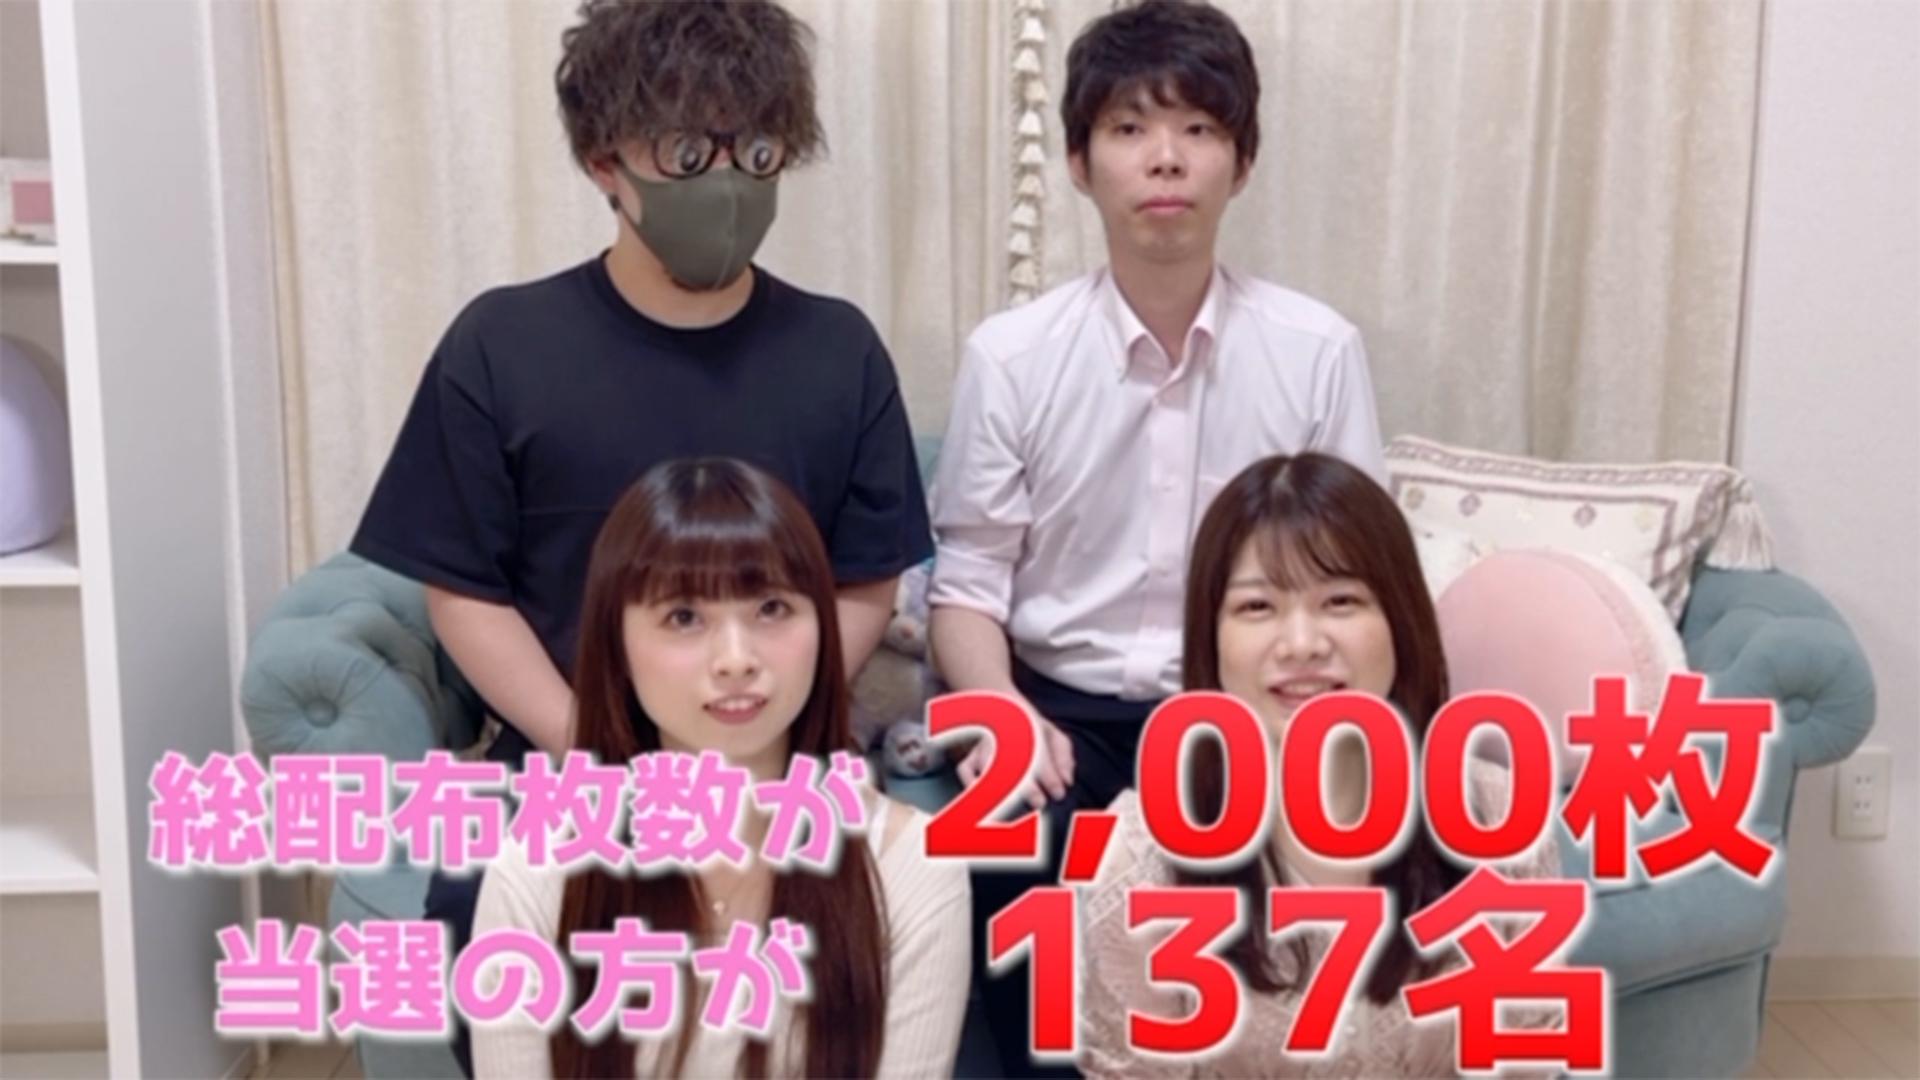 紳士の嗜み立川店3周年抽選会③